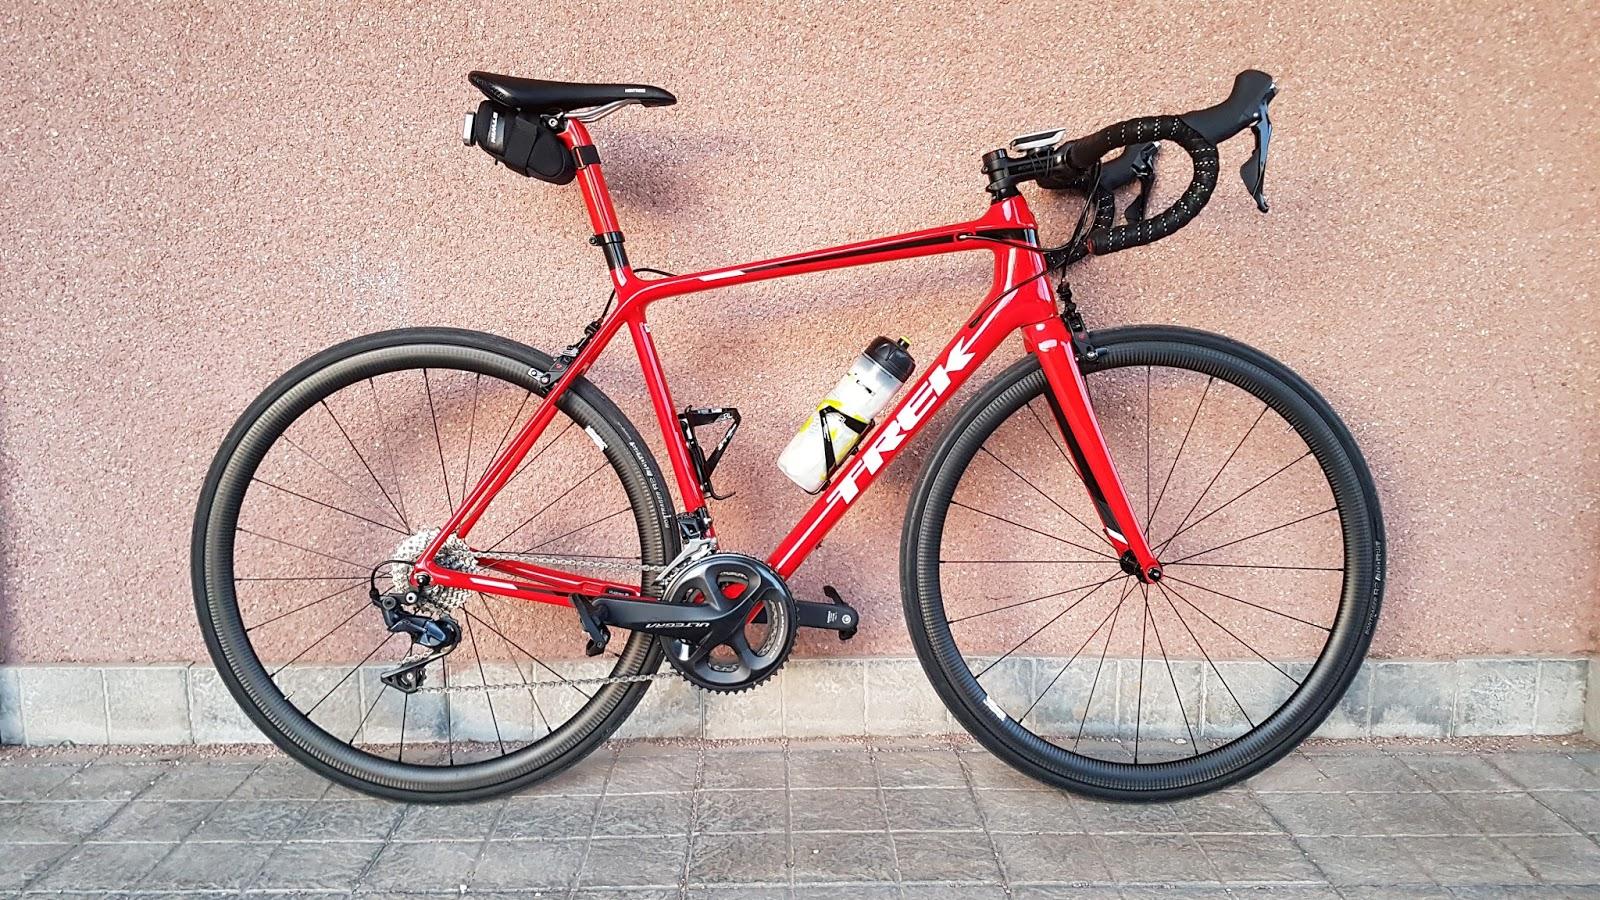 CYCLING ADVENTURER: Material: TREK EMONDA SL6